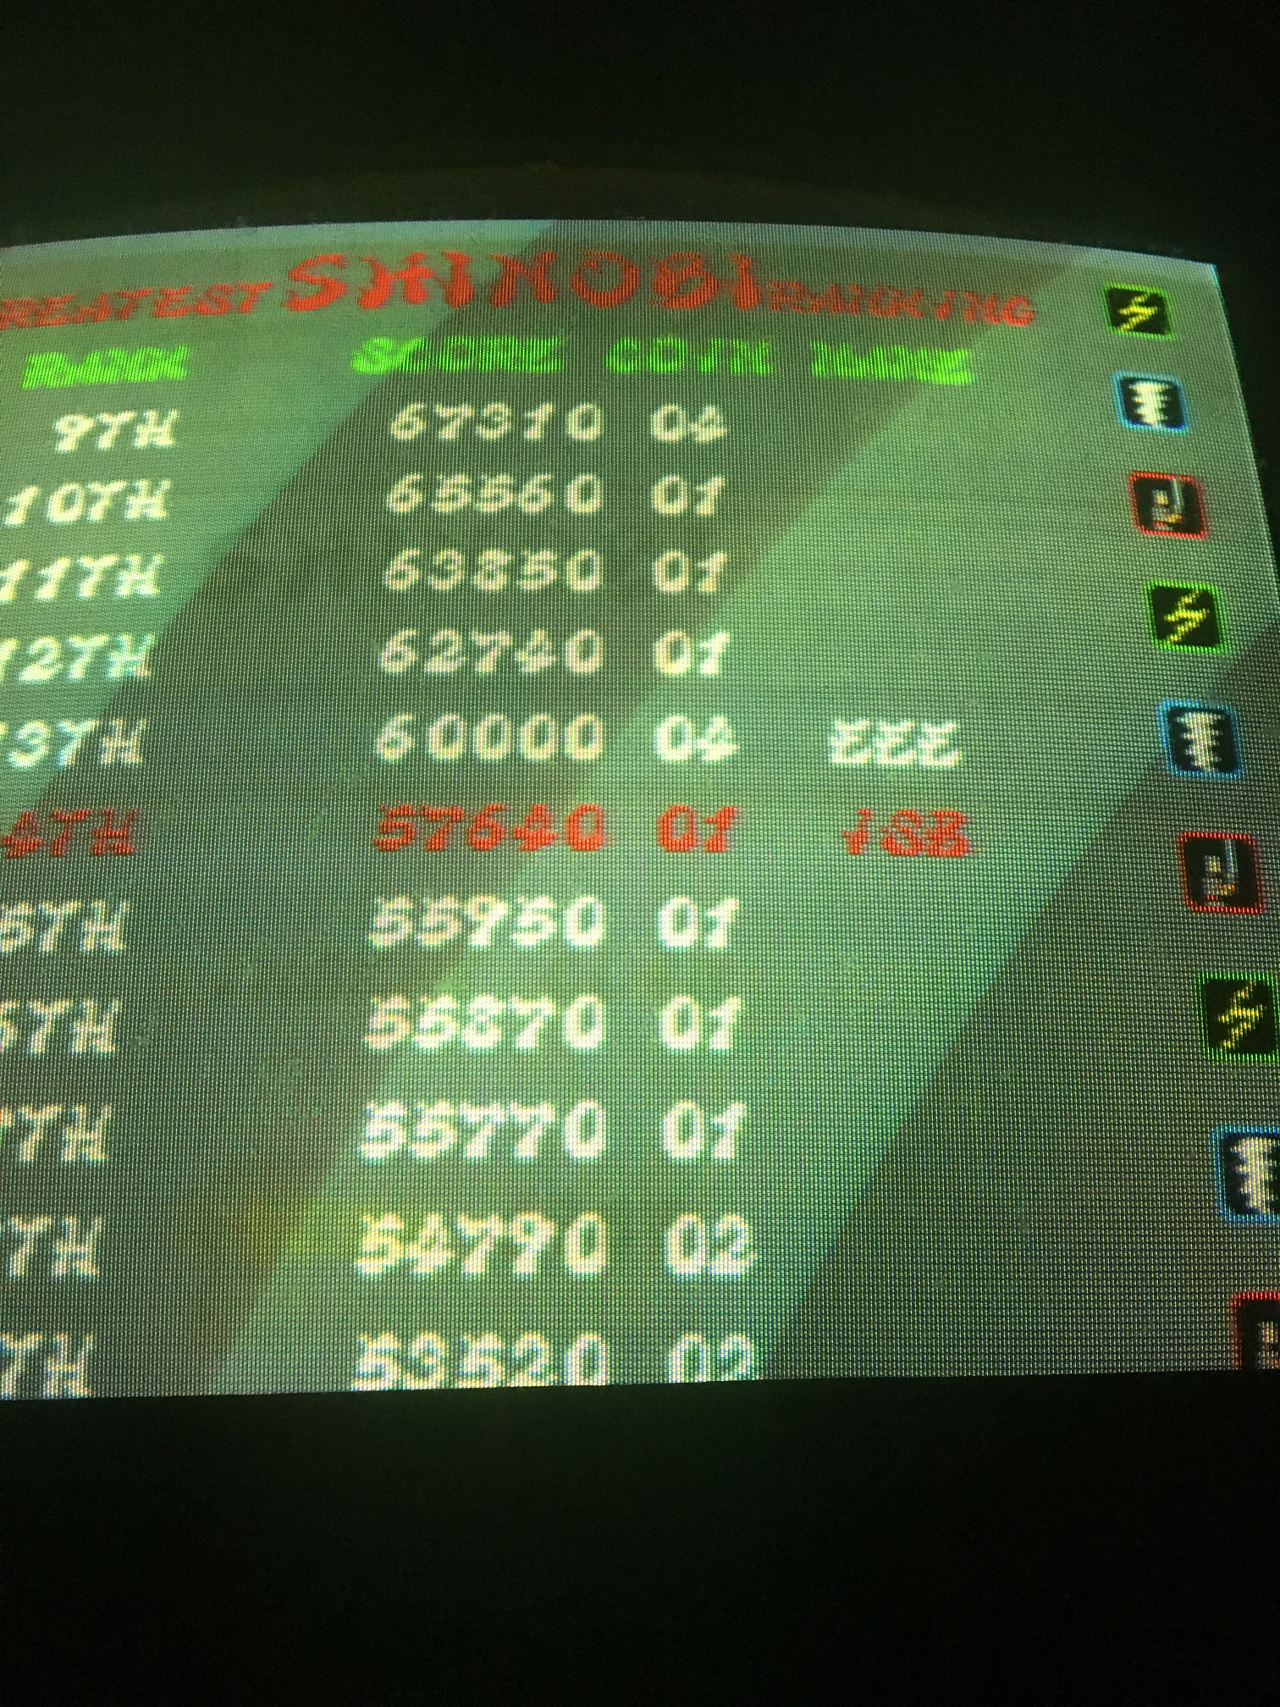 Shinobi 57,640 points